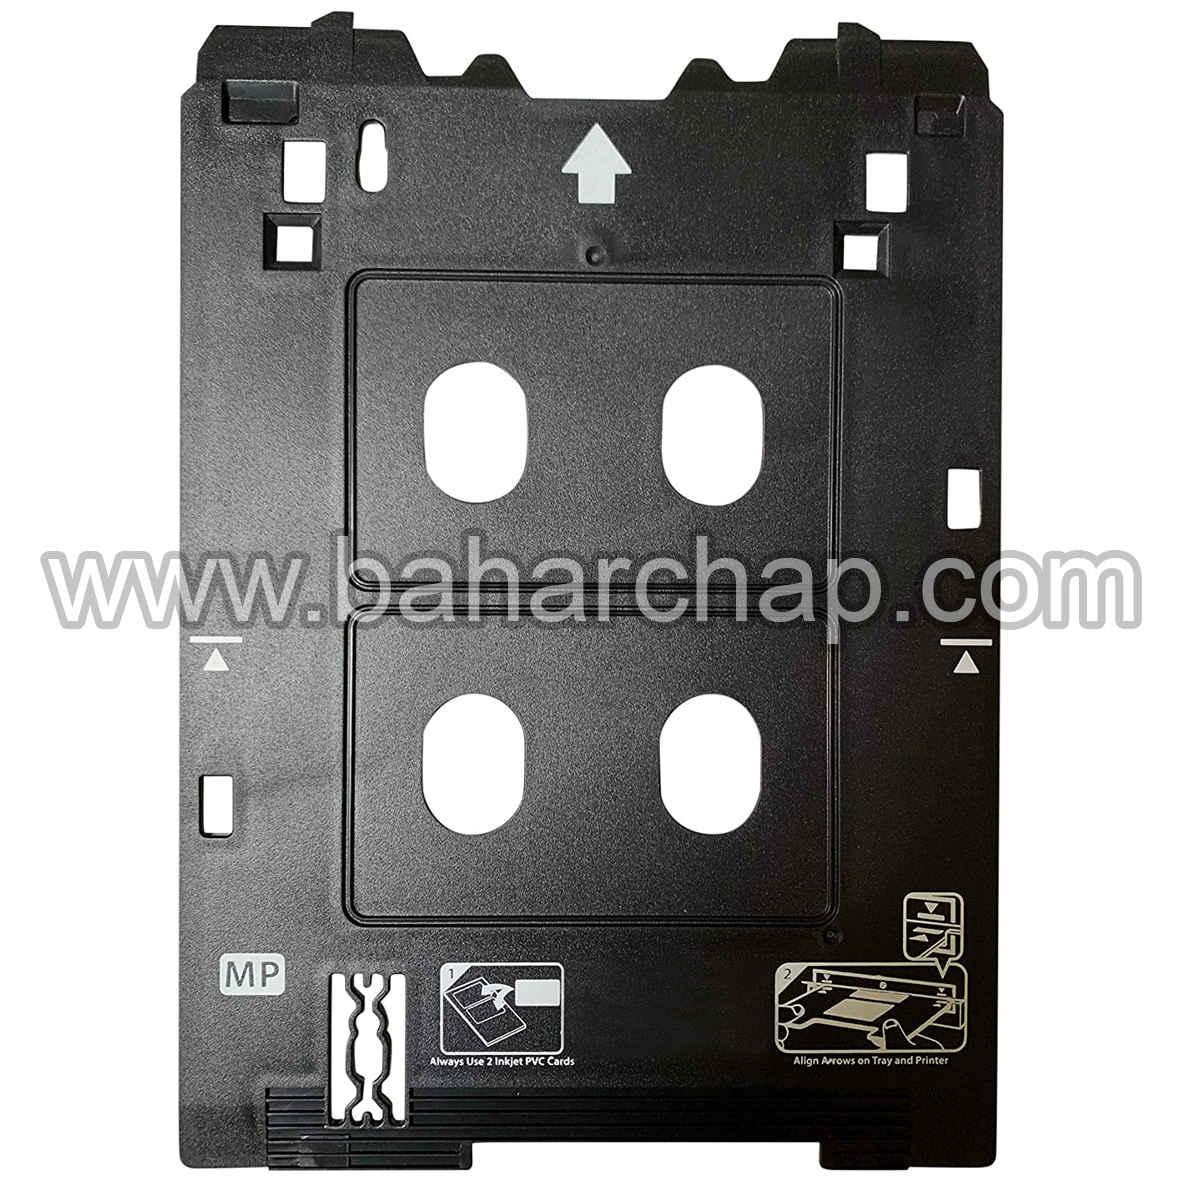 فروشگاه و خدمات اینترنتی بهارچاپ اصفهان-سینی چاپ کارت PVC ویژه پرینترهای CANON سری TS-Inkjet PVC Card Tray for Canon PIXMA TS82xx and TS95xx